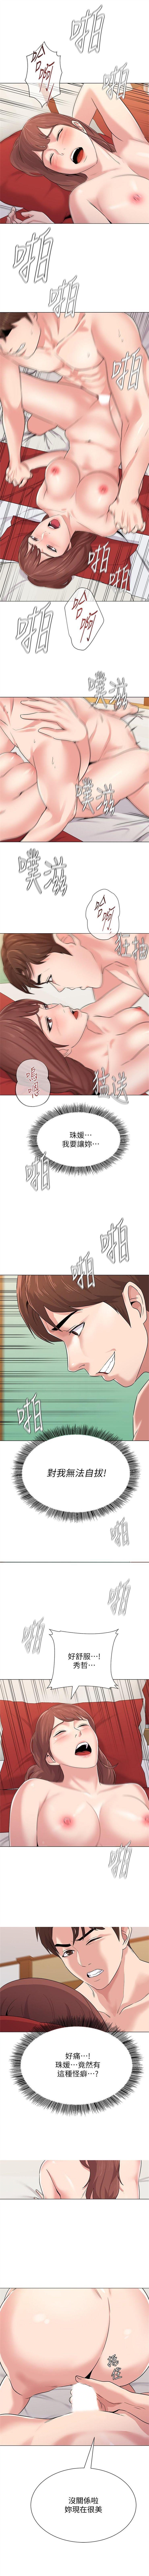 (周3)老师 1-56 中文翻译(更新中) 360